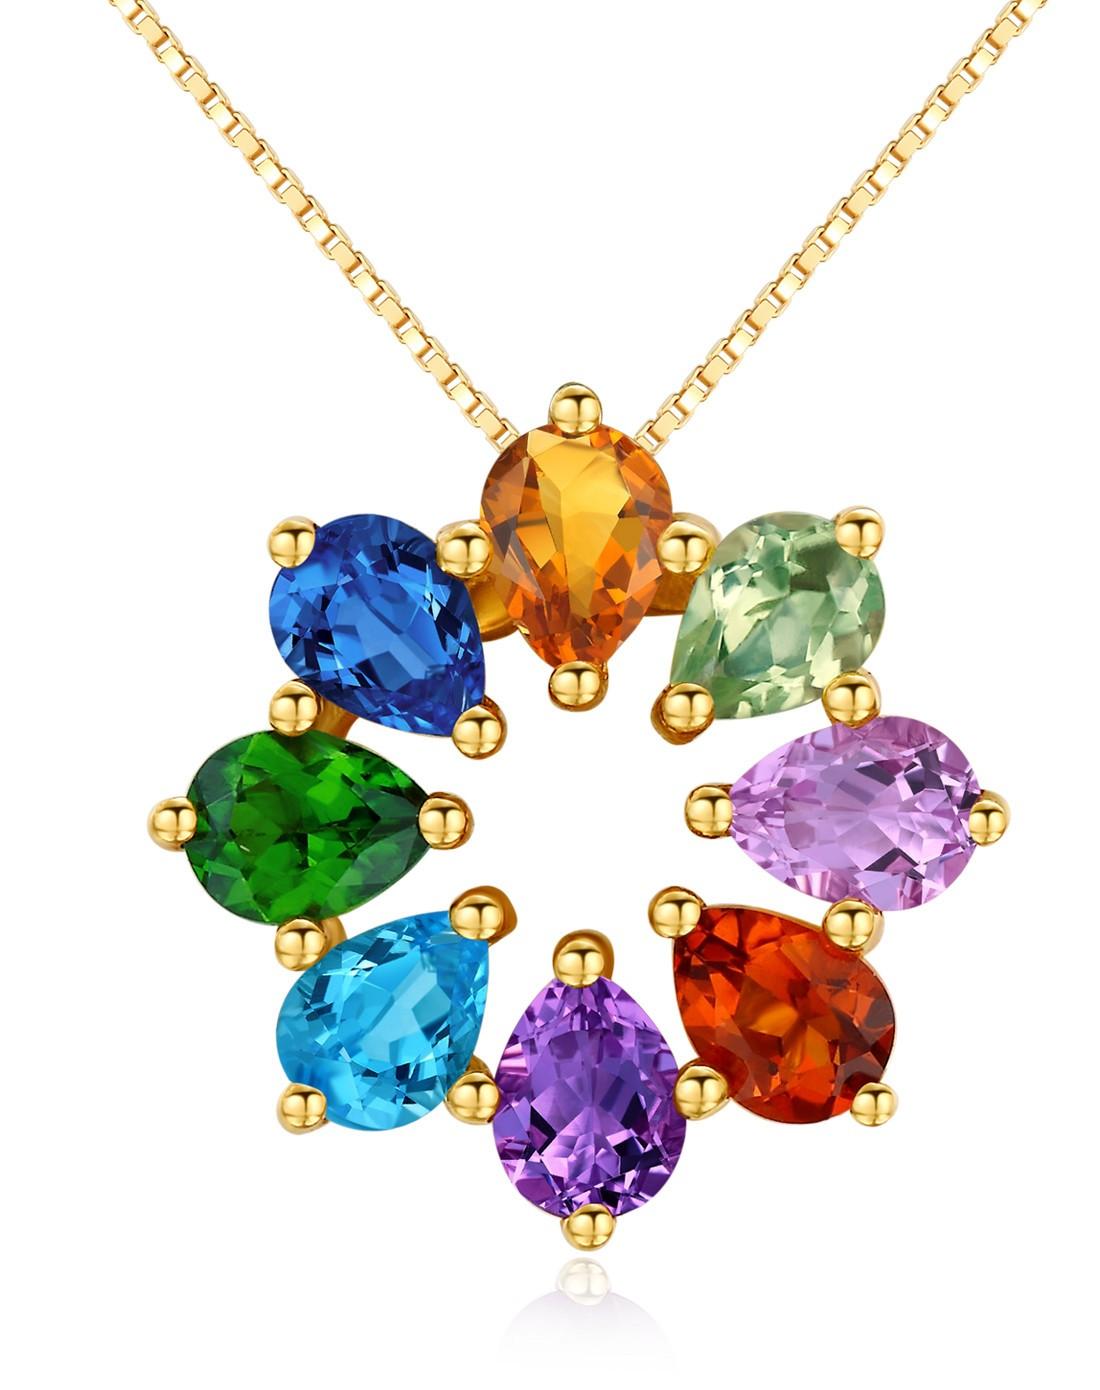 彩虹彩色宝石吊坠 女 18k黄金托帕石紫晶黄晶绿水晶透辉石坠